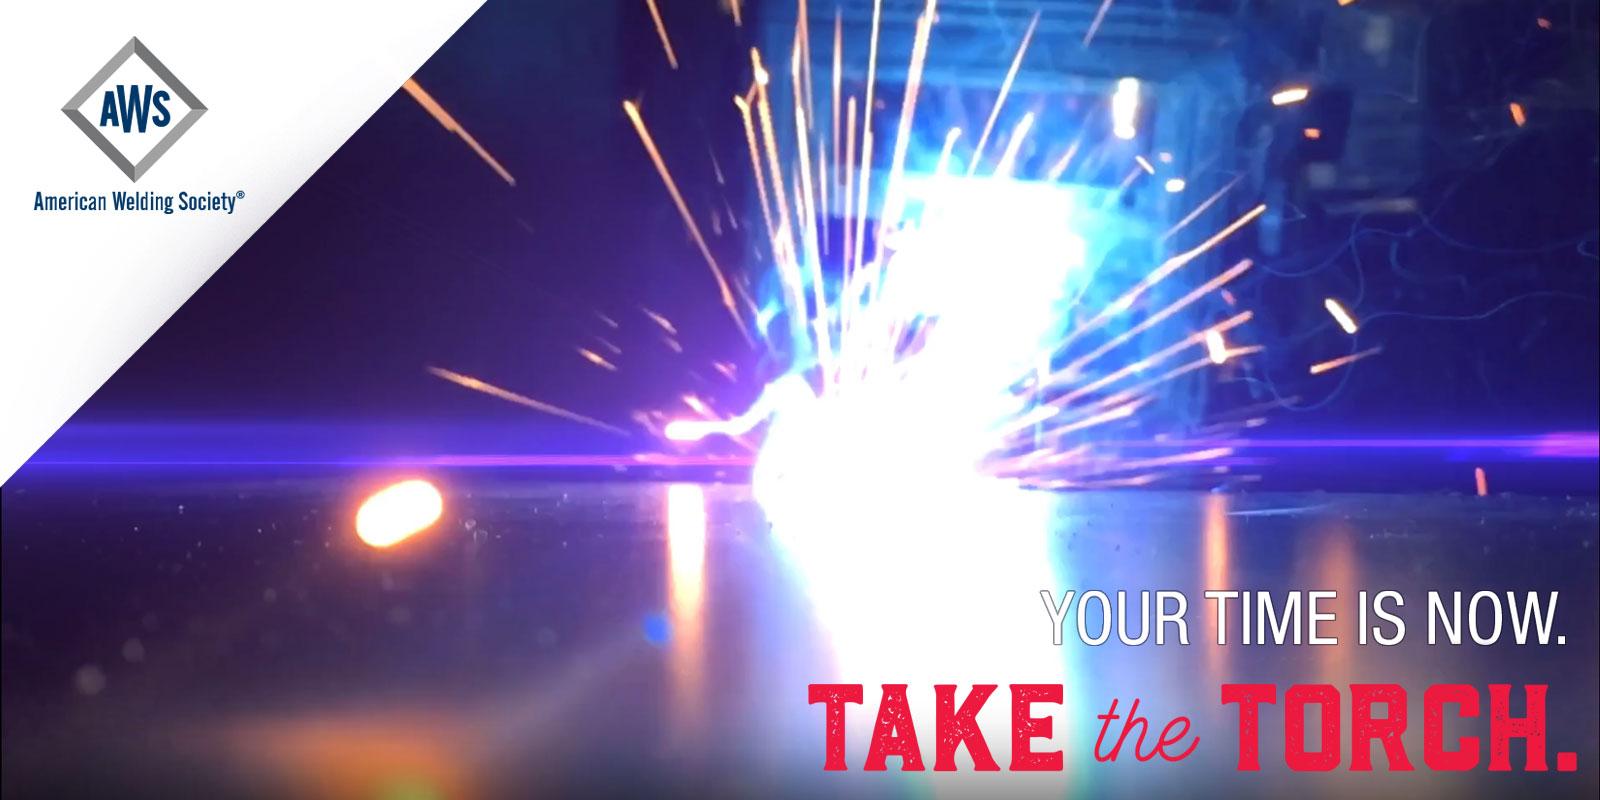 TakeTheTorchPromo-4